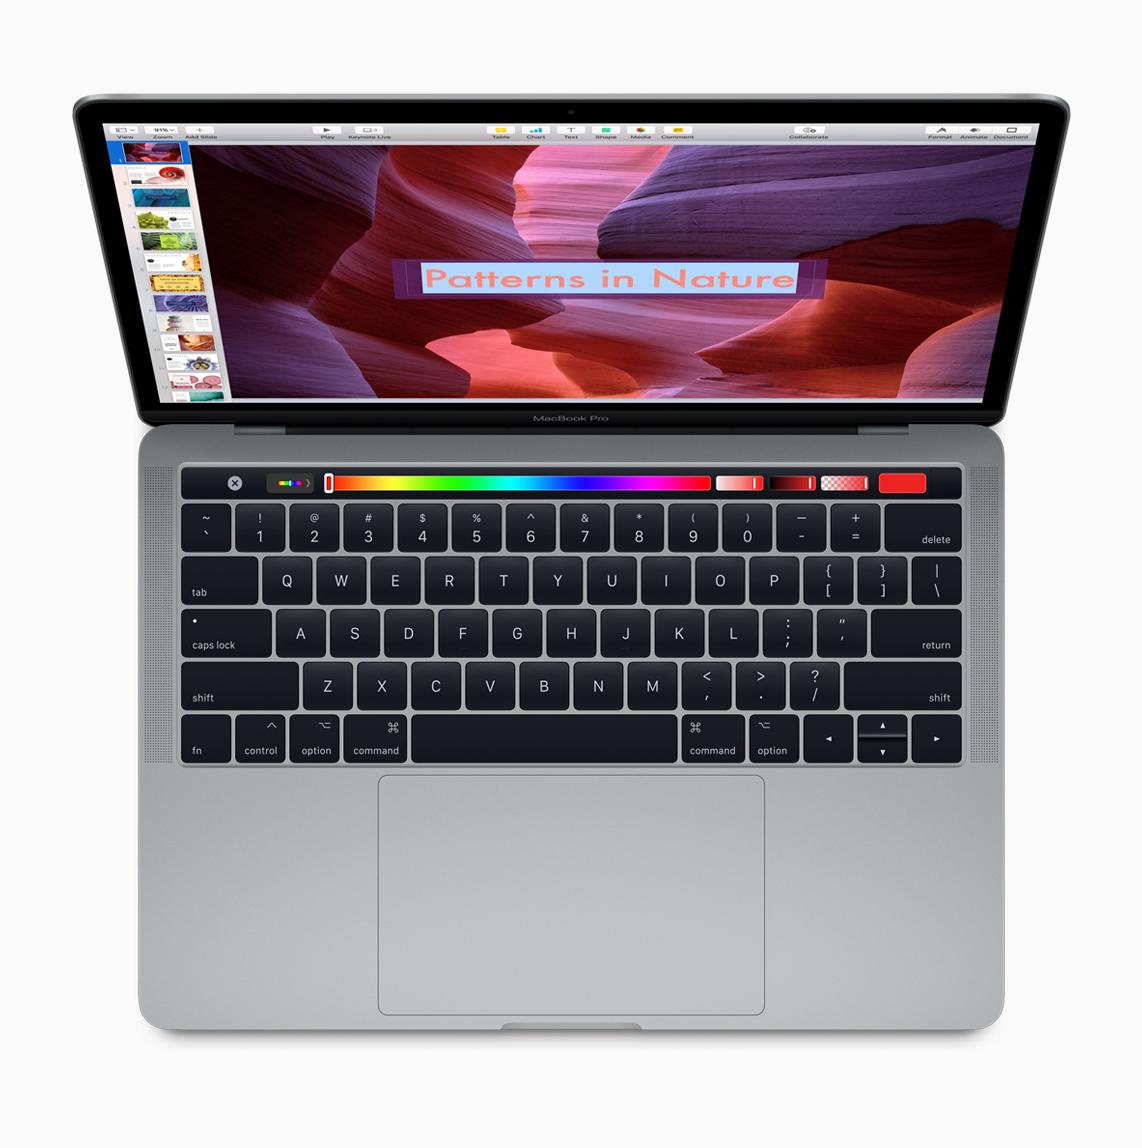 macbook-highsierra-touchbar-control.jpg